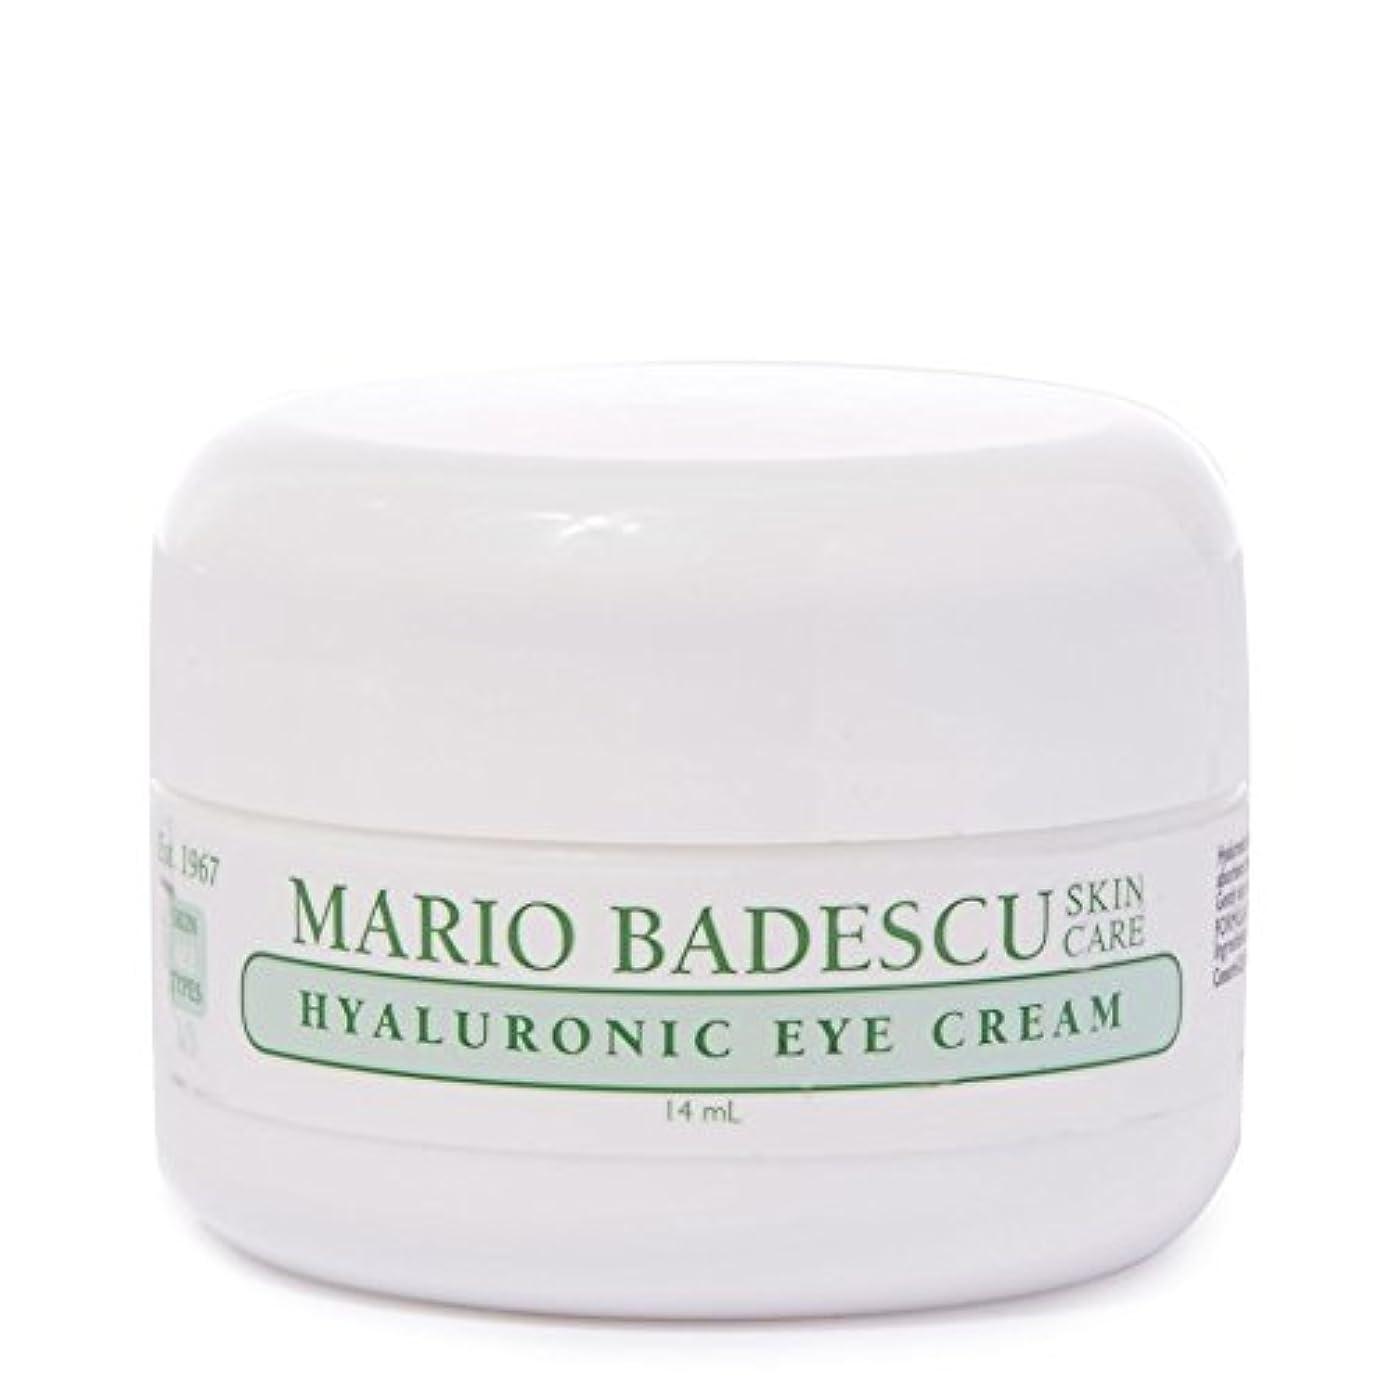 専門化する火曜日舌なマリオ?バデスキューヒアルロンアイクリーム14ミリリットル x4 - Mario Badescu Hyaluronic Eye Cream 14ml (Pack of 4) [並行輸入品]